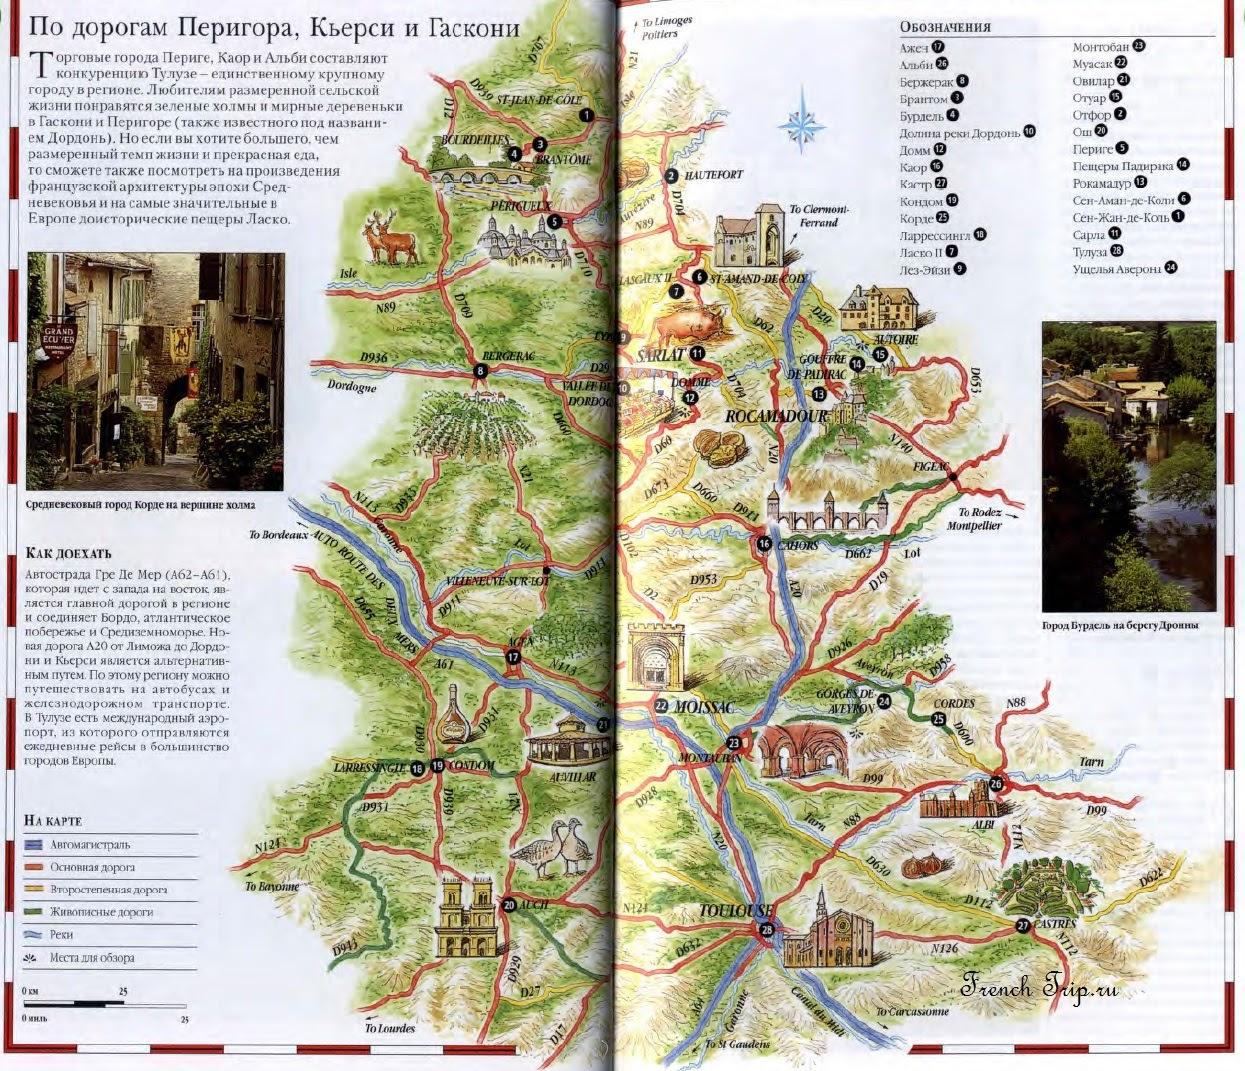 В окрестностях Тулузы, вокруг Тулузы, На север от Тулузы: по дорогам Перигора, Кьерси и Гаскони